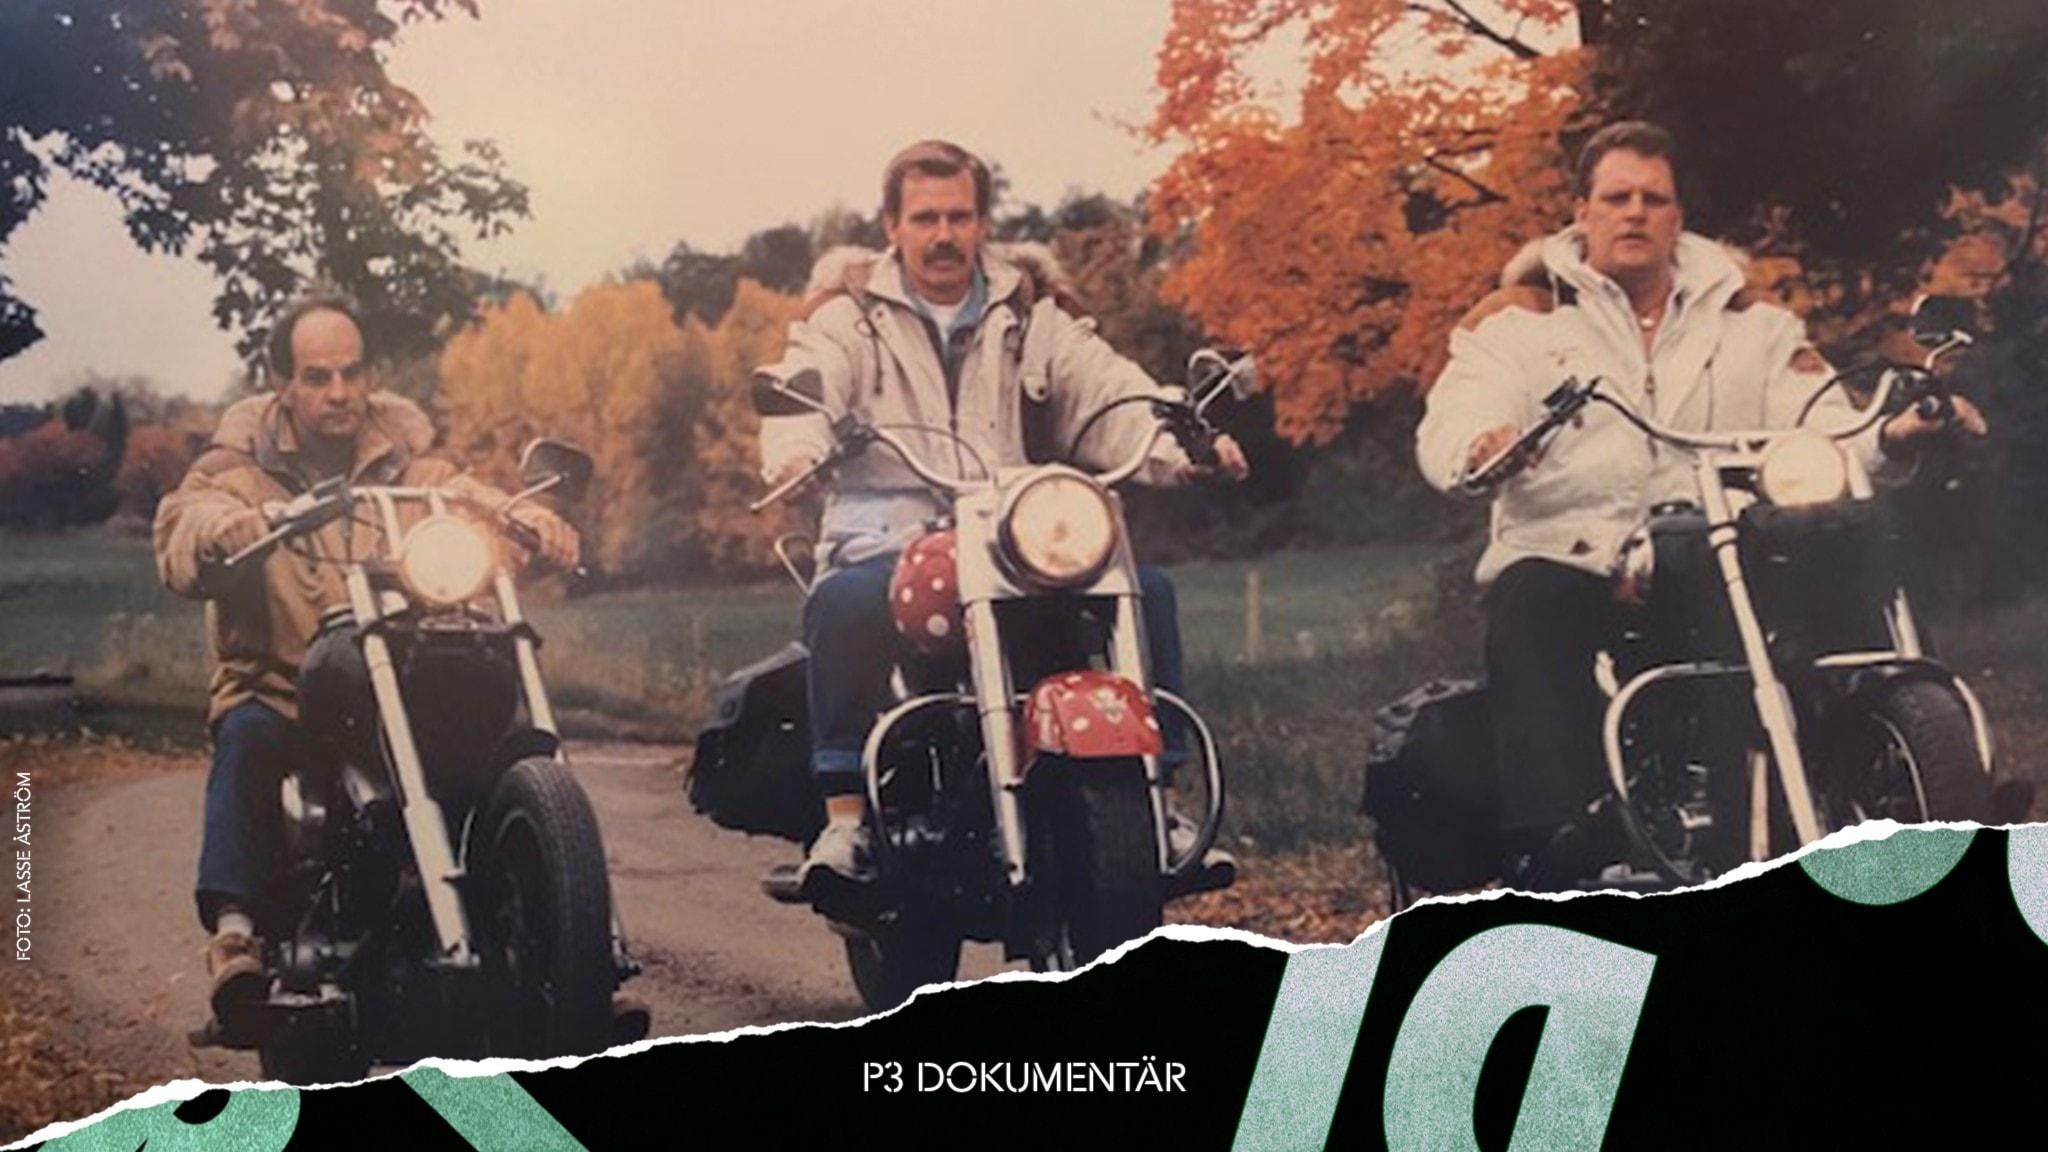 """De tre """"iraksvenskarna"""" på varsin motorcykel. Det är höst och färggranna träd i bakgrunden."""